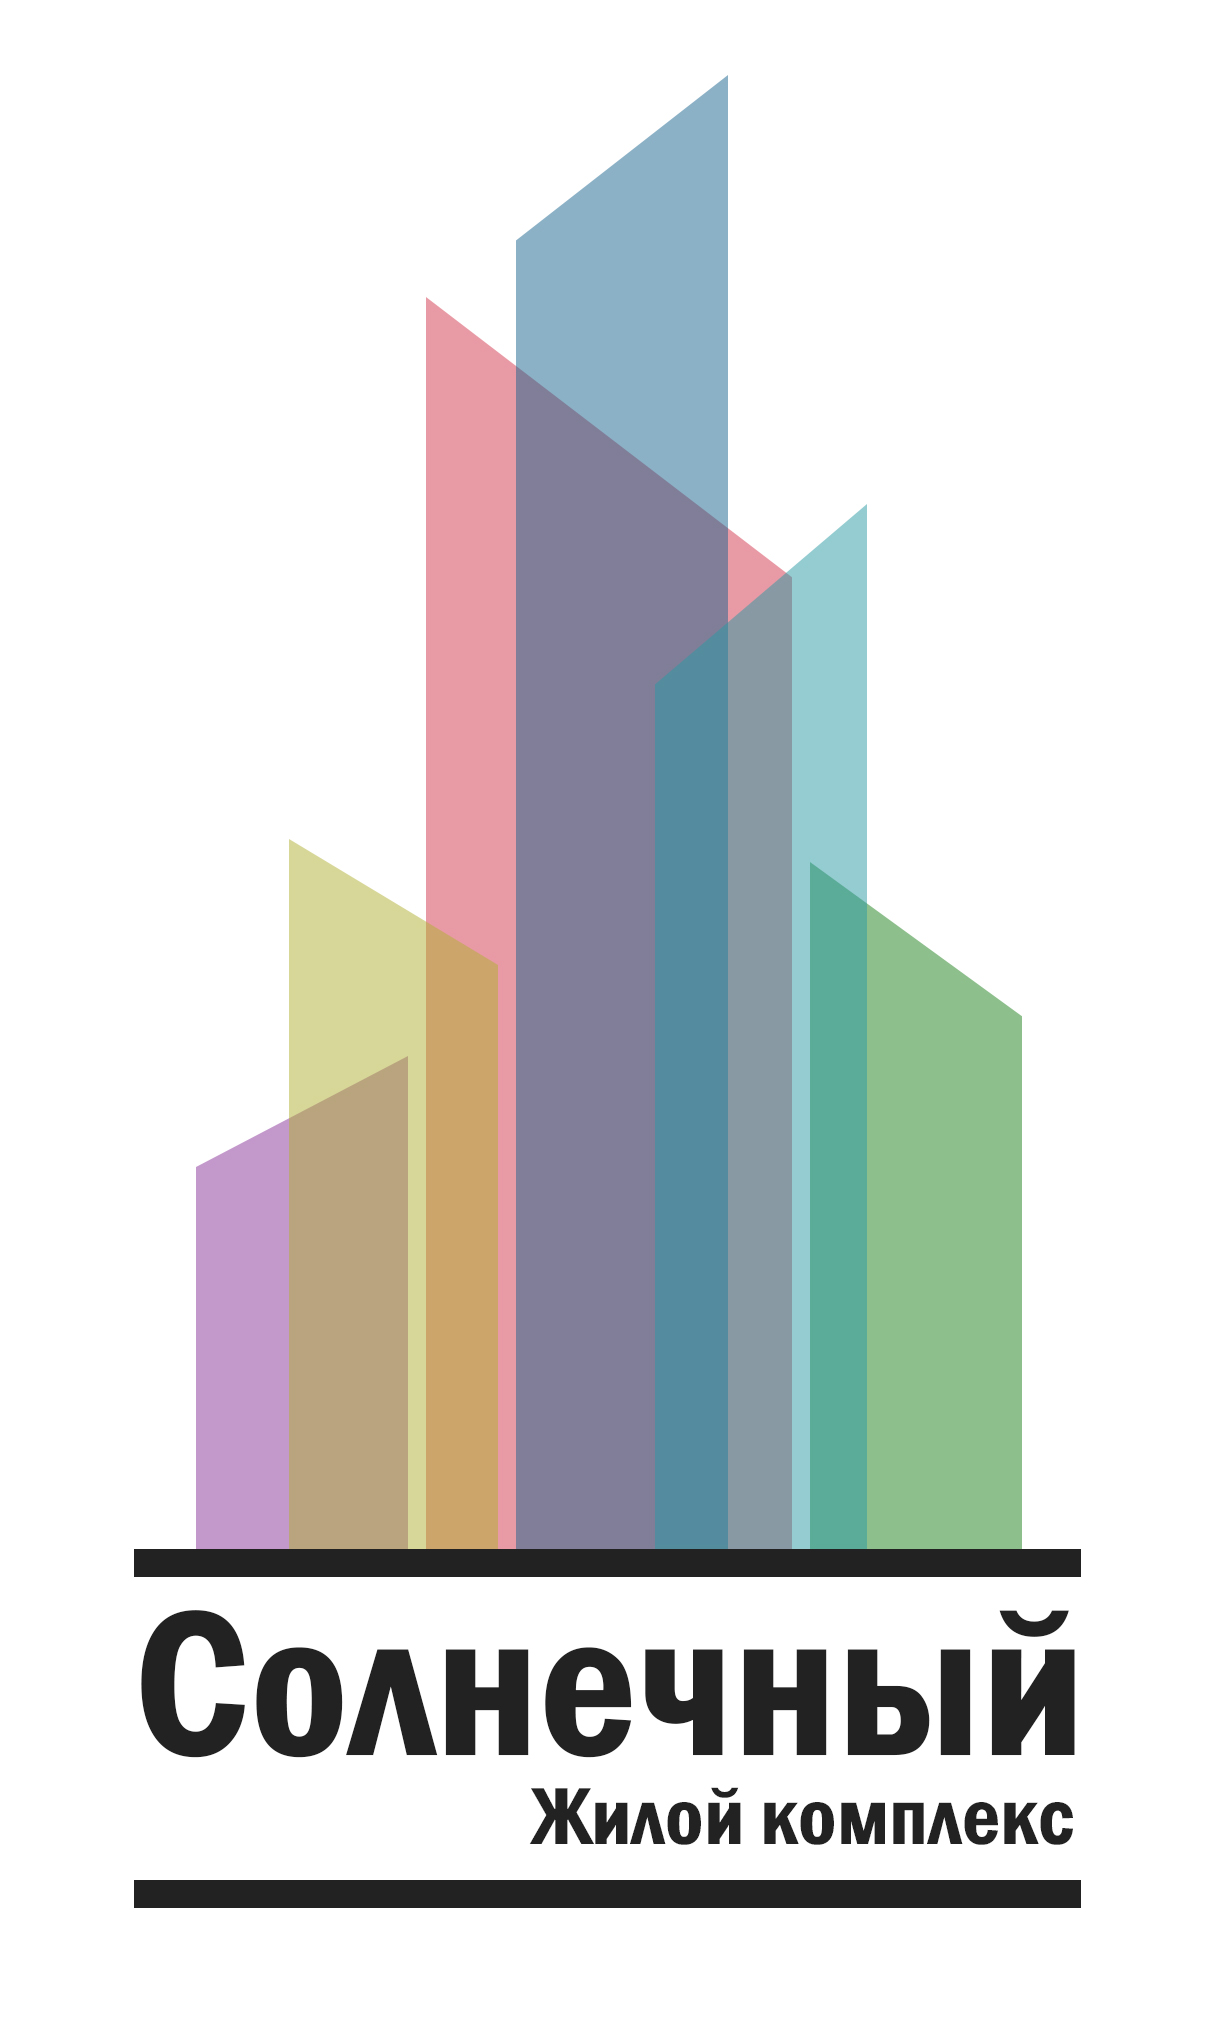 Разработка логотипа и фирменный стиль фото f_066596caca80e01e.jpg